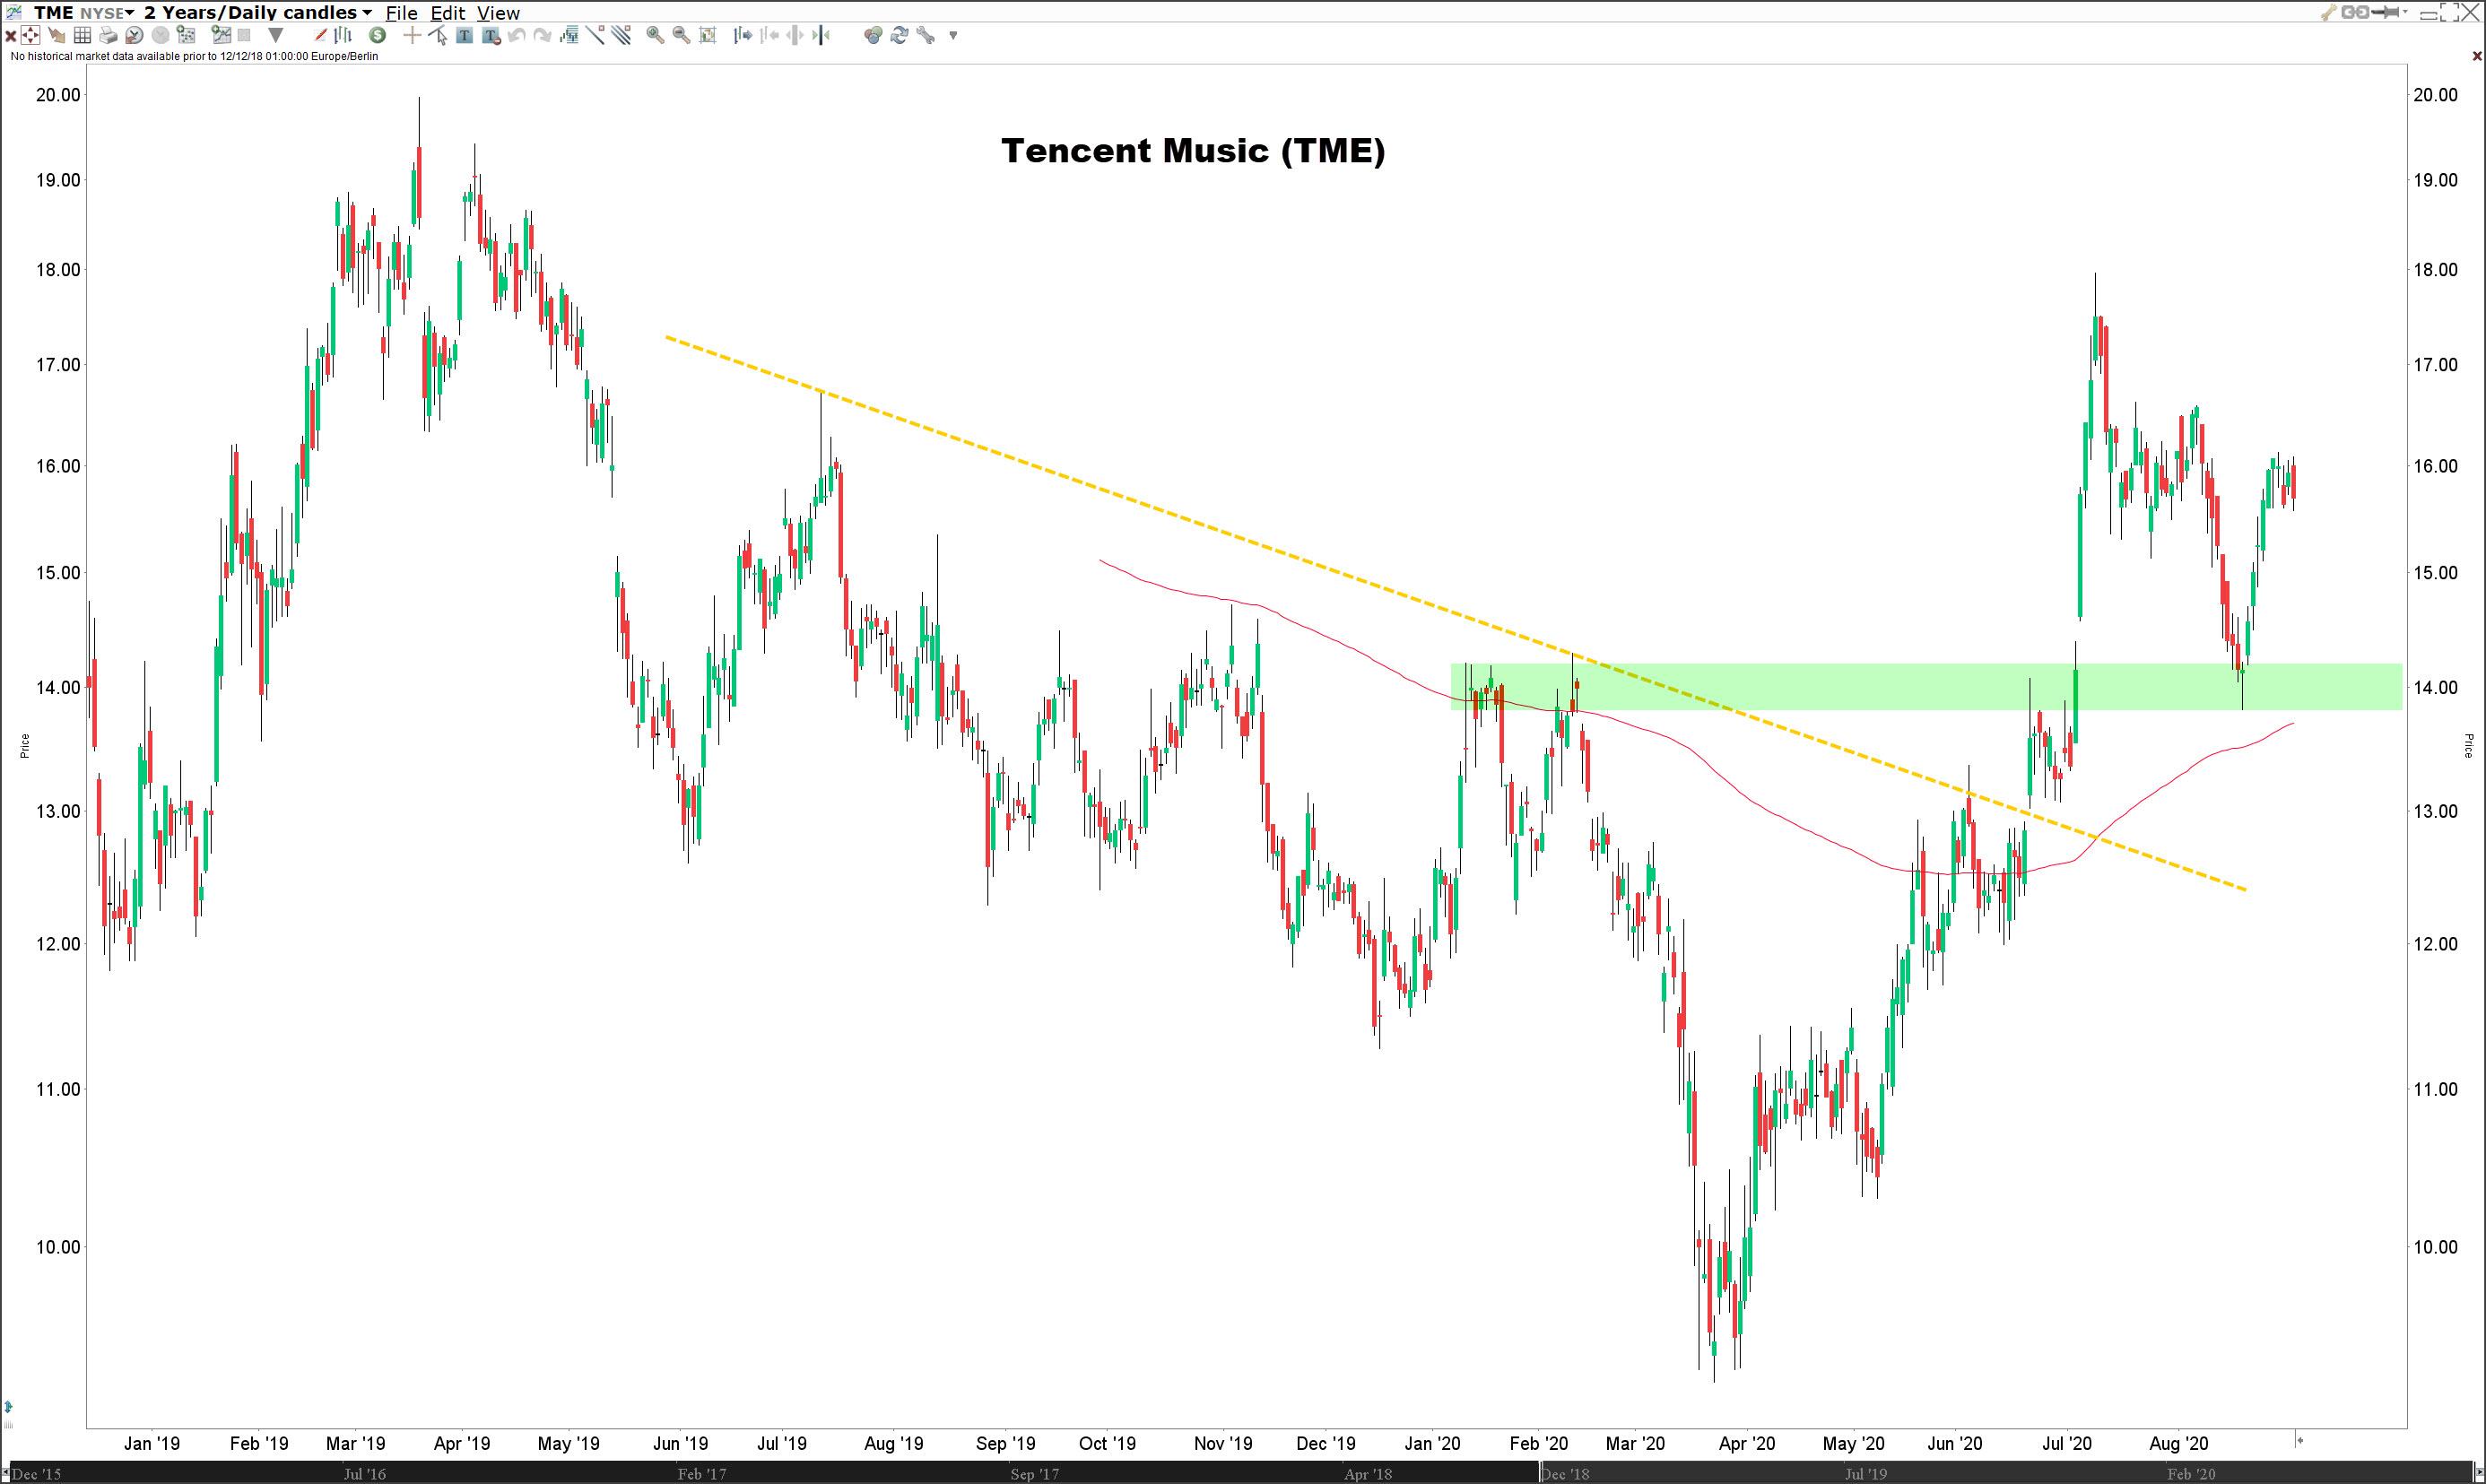 aandeel tencent music - Koers aandeel Tencent Music